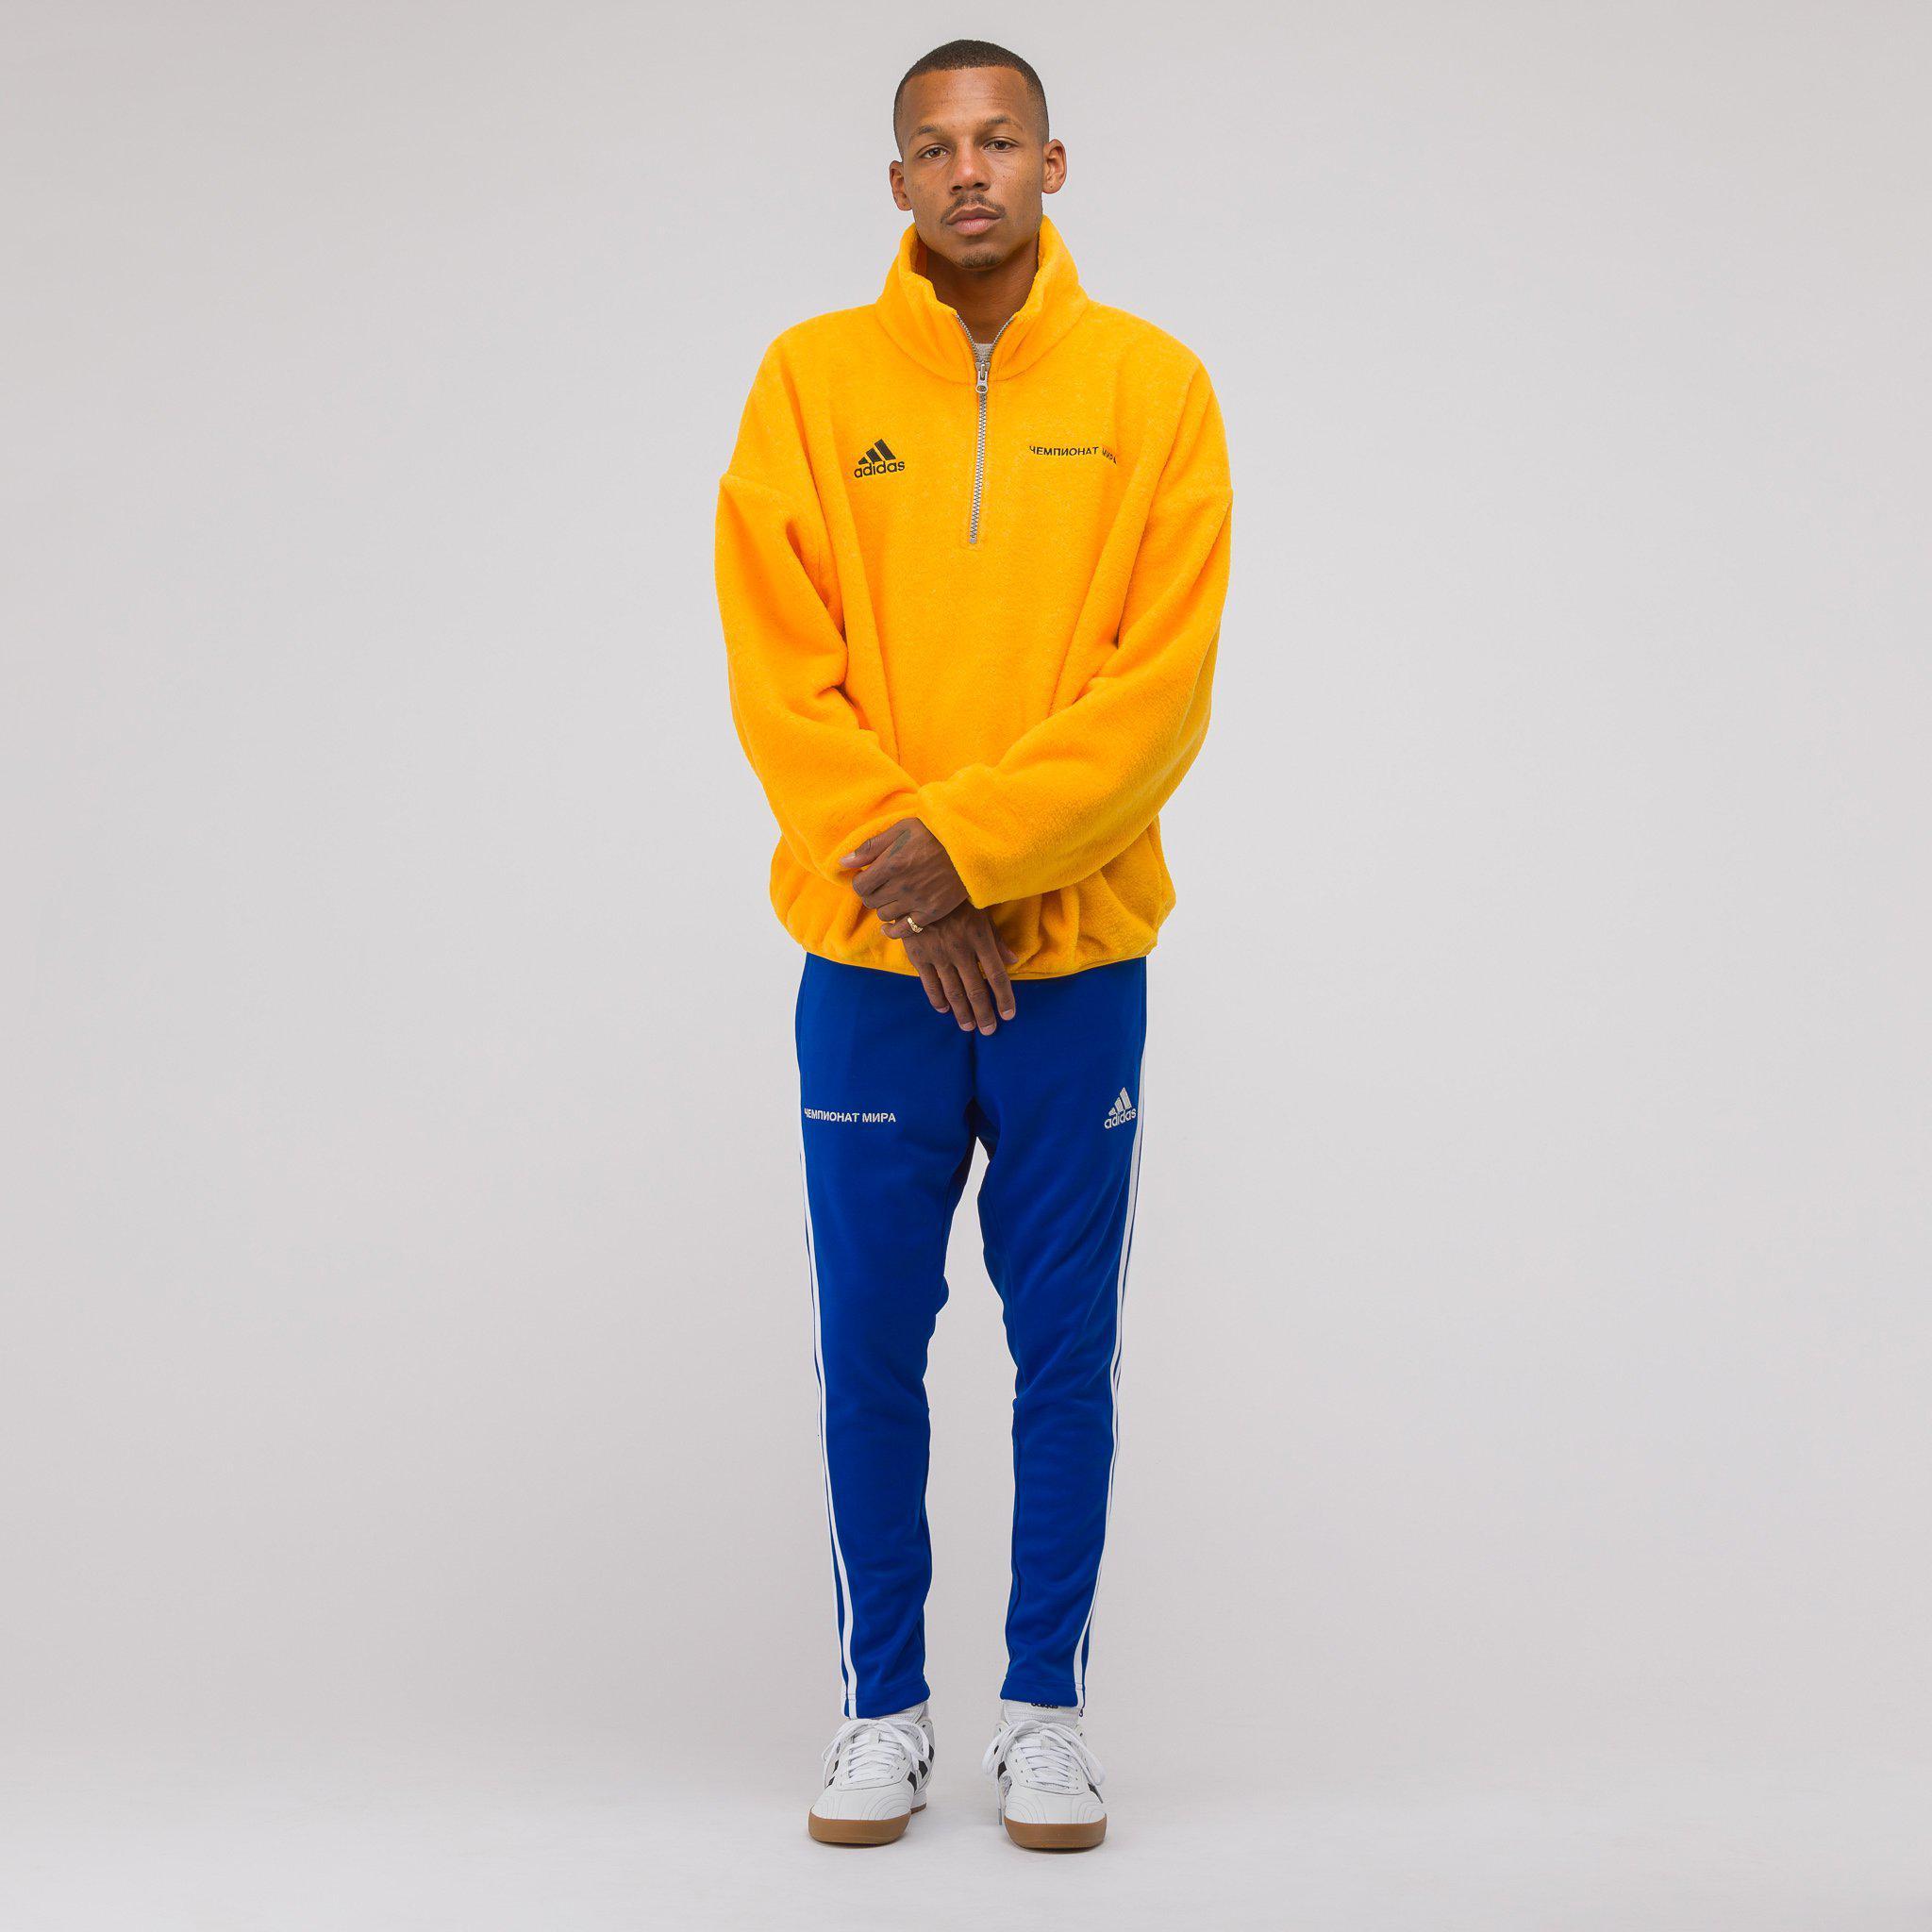 gosha rubchinskiy x adidas fleece top